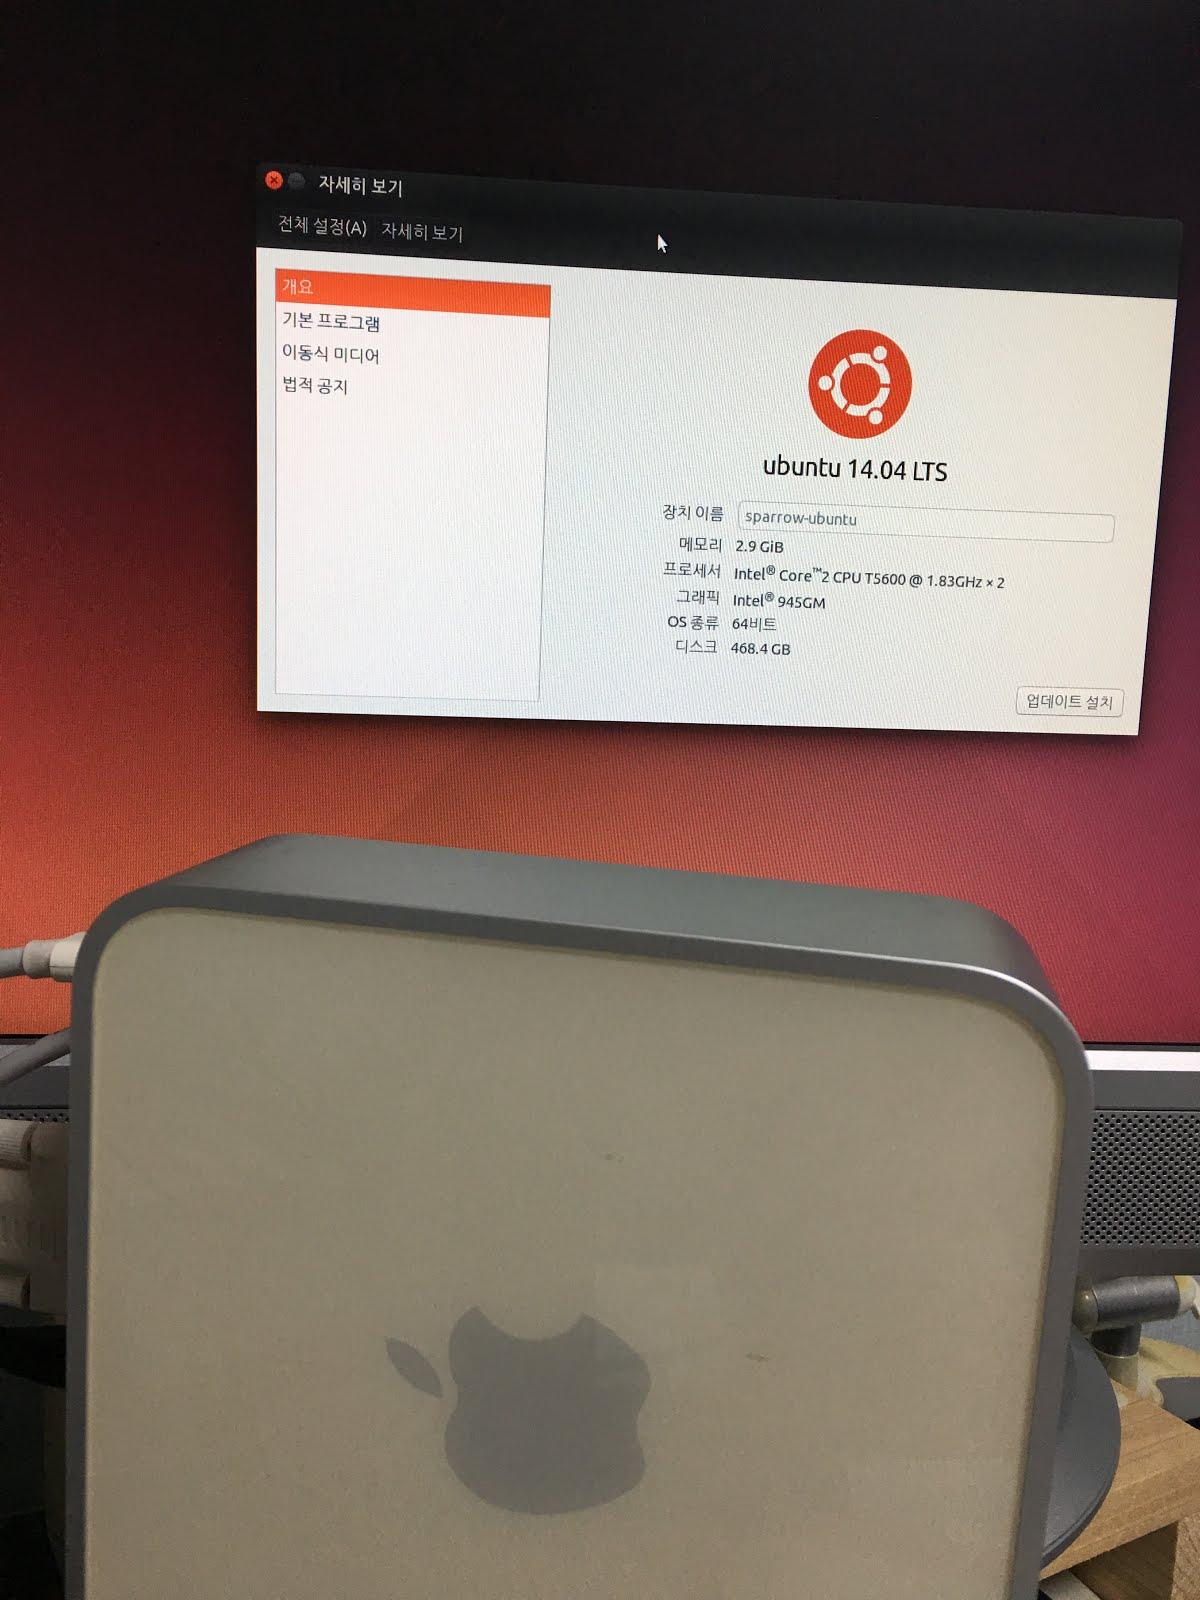 Which Ubuntu on Mac Mini 4,1